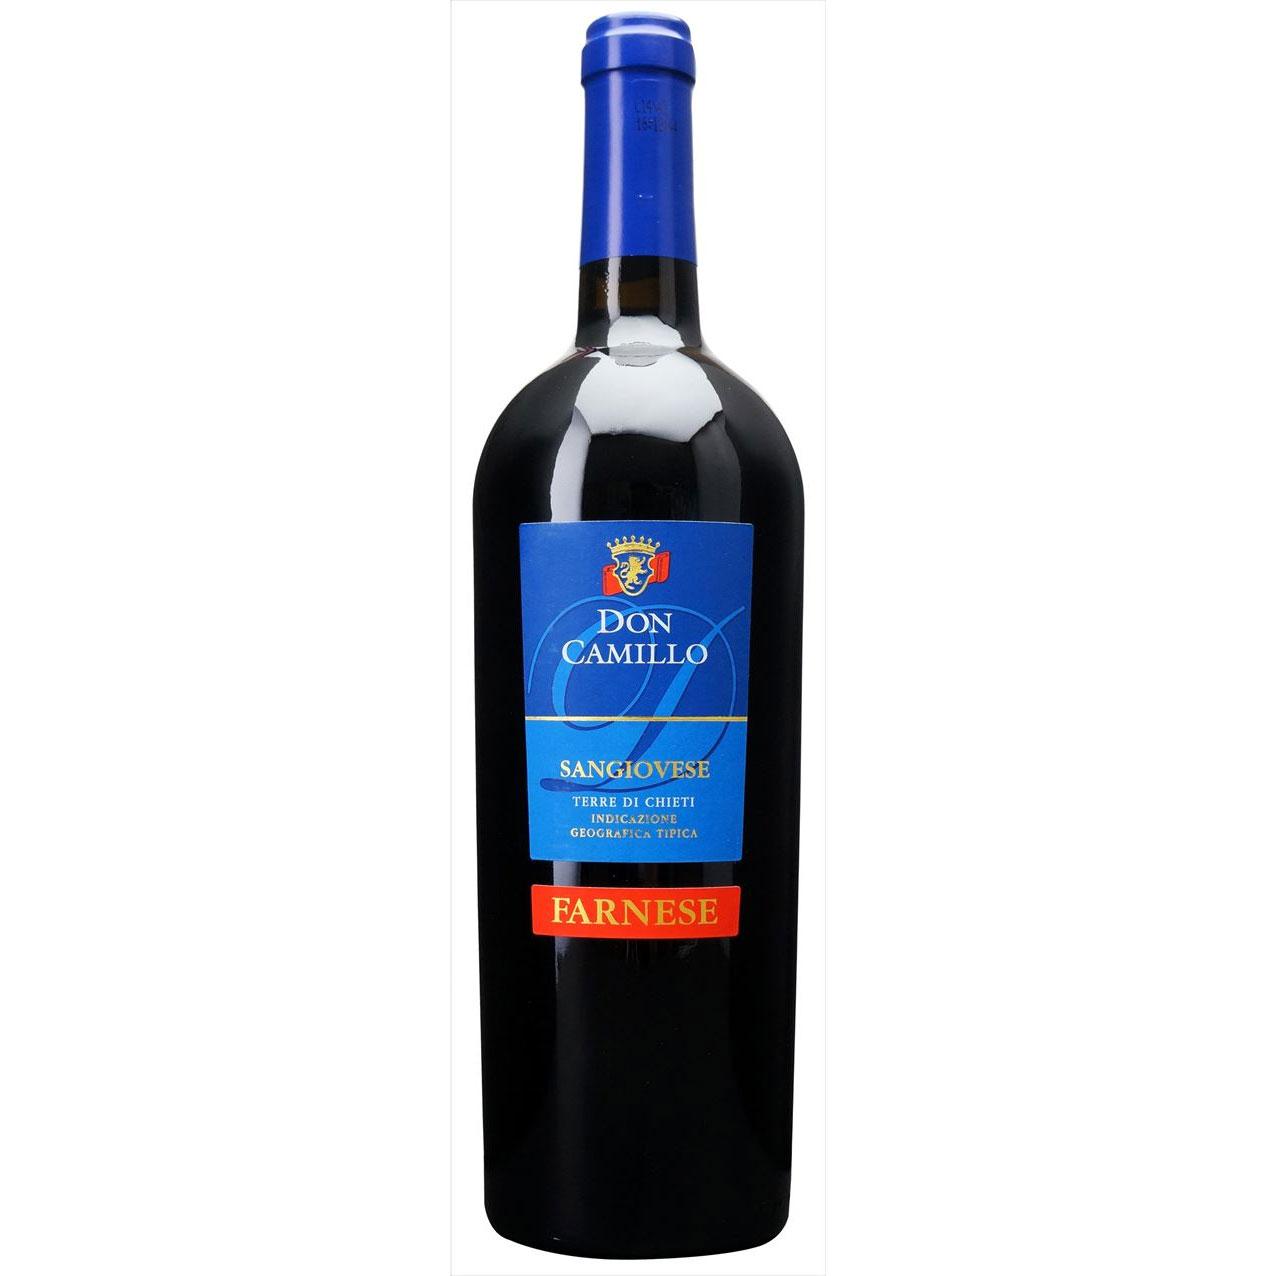 【ラッキーシール対応】母の日 ギフト ドン カミッロ ファルネーゼ 赤 750ml 12本 イタリア アブルッツォ 赤ワイン 送料無料 コンビニ受取対応商品 ヴィンテージ管理しておりません、変わる場合があります